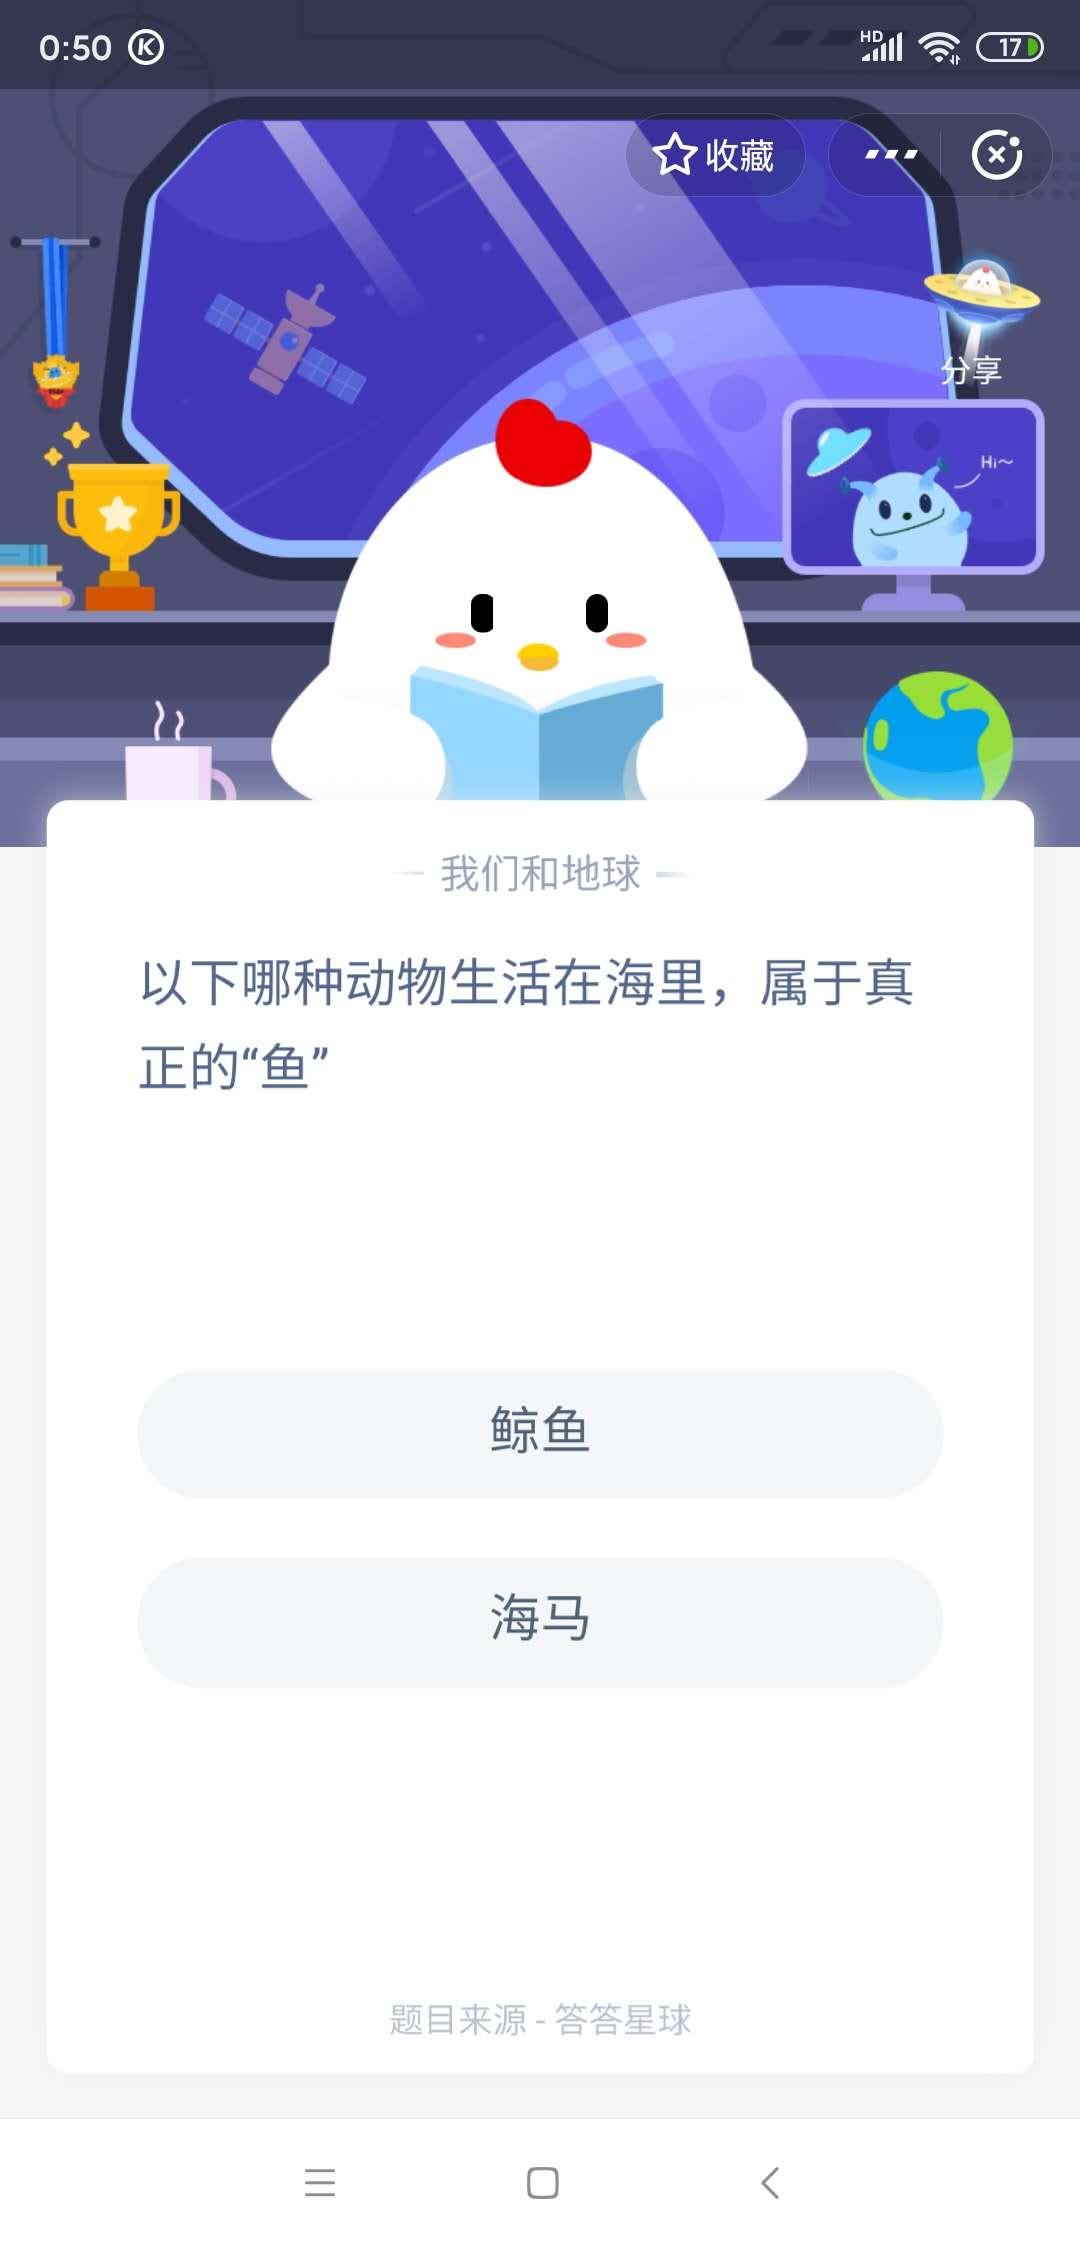 http://www.gyw007.com/caijingfenxi/510264.html